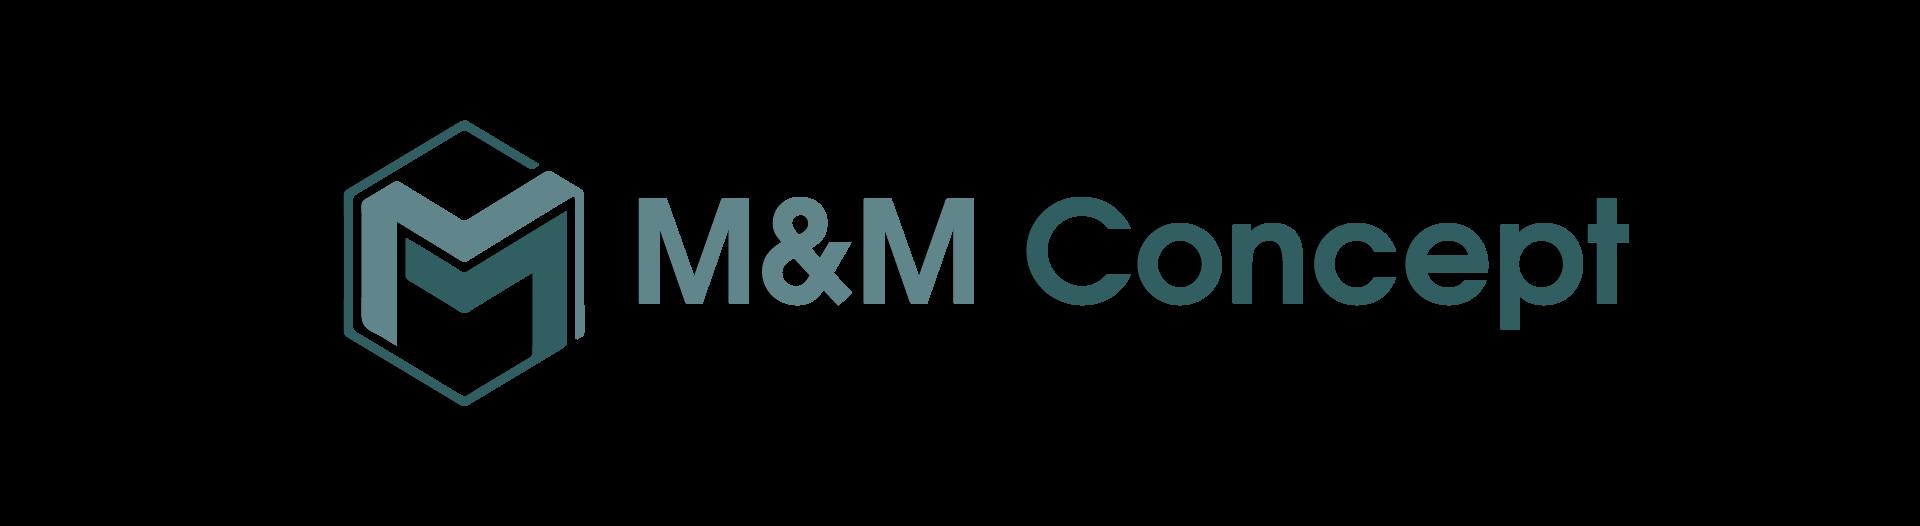 M&M-concept